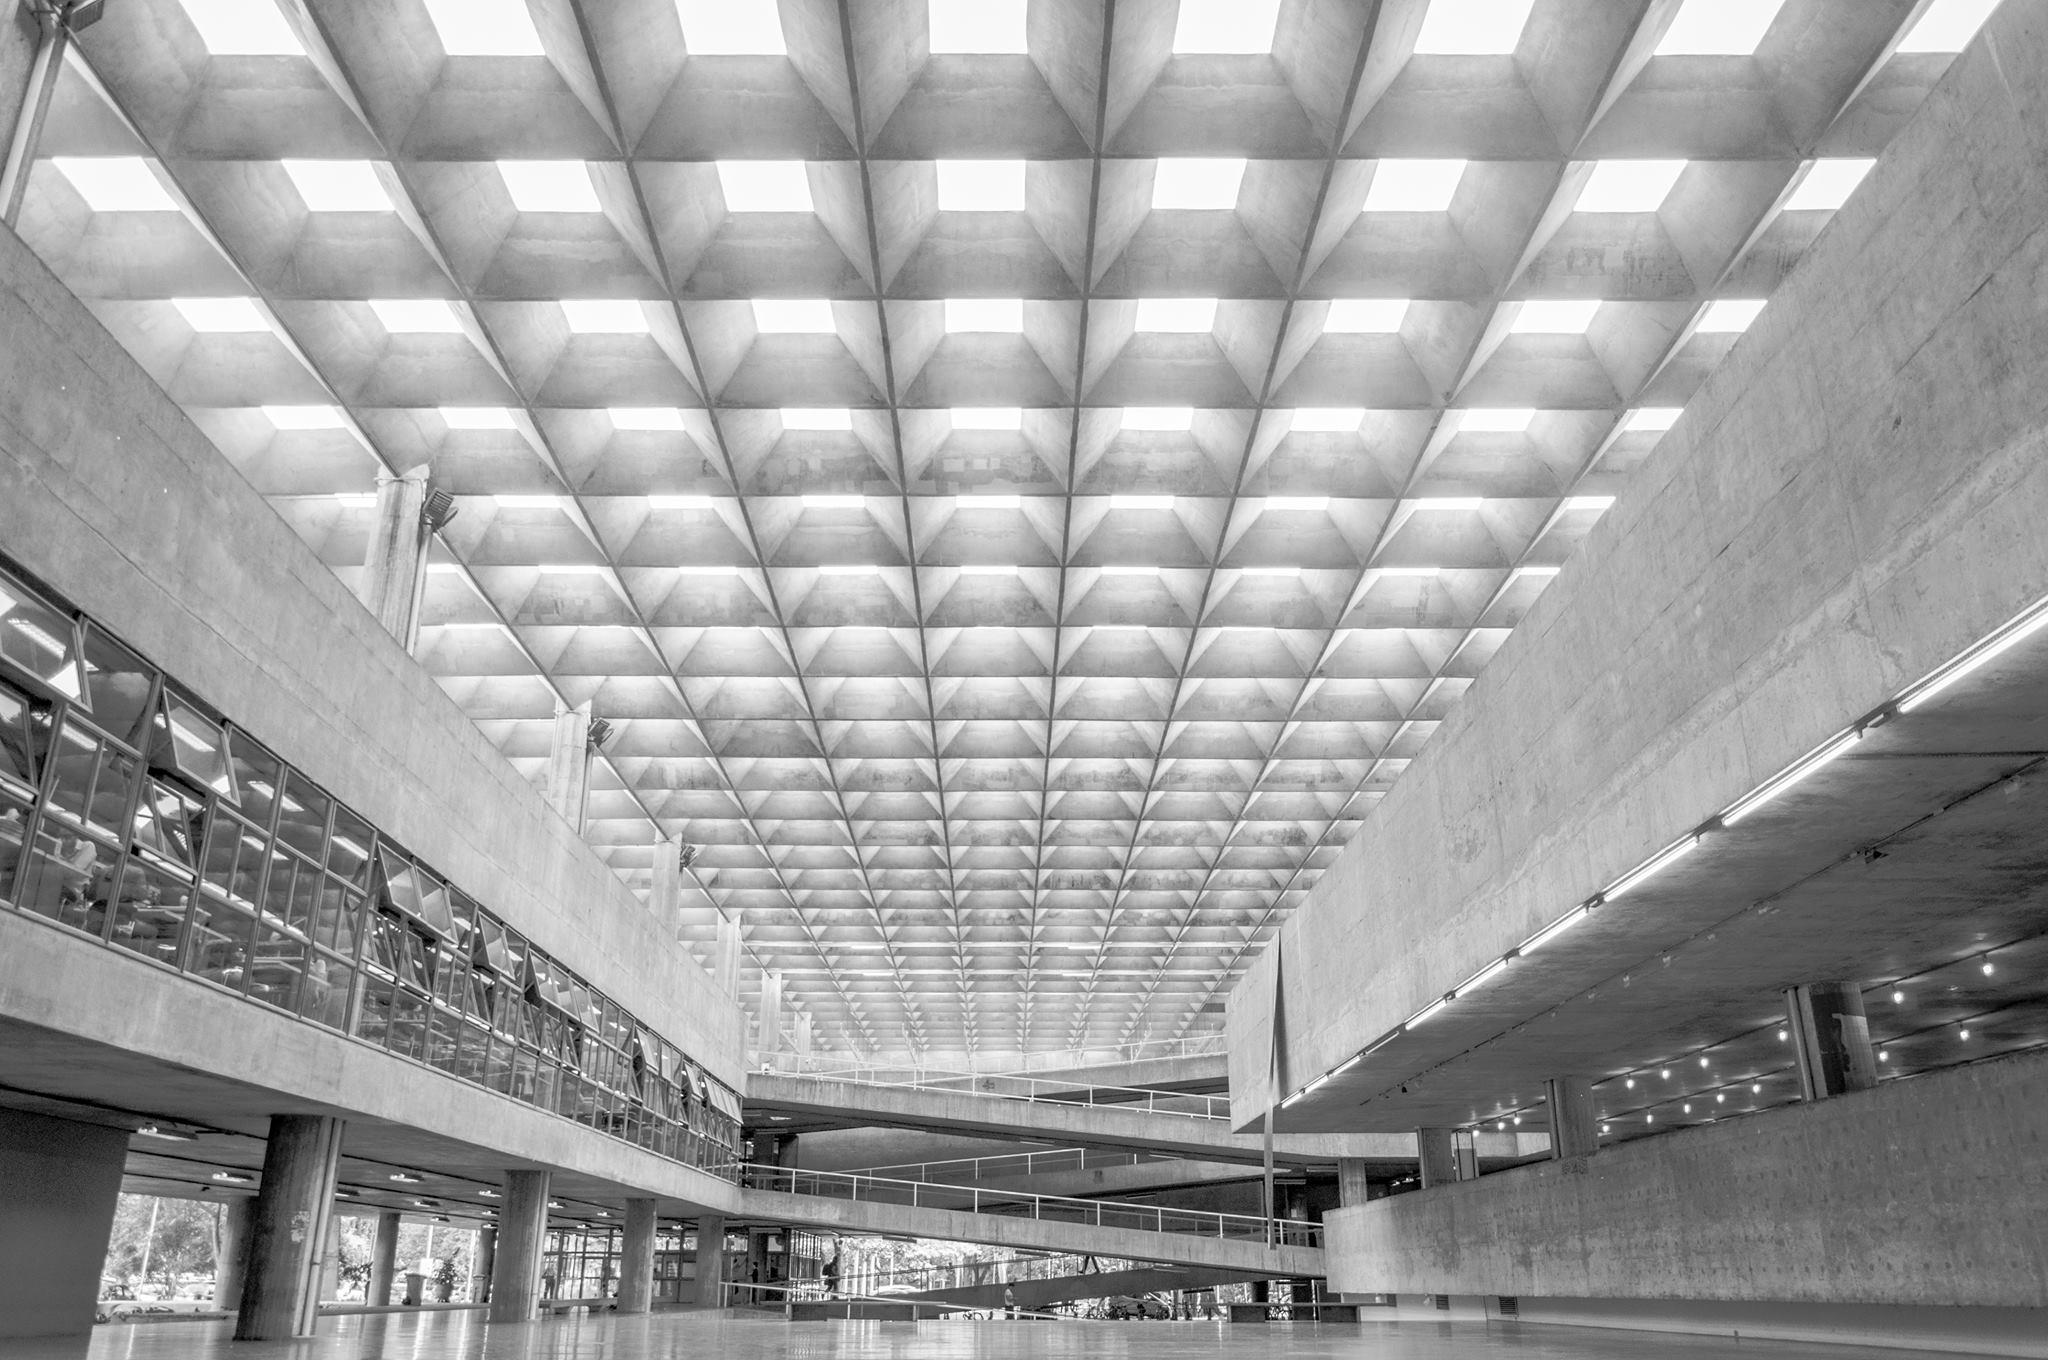 Faculdade de Arquitetura e Urbanismo da USP, 2015, Ricardo Iannuzzi